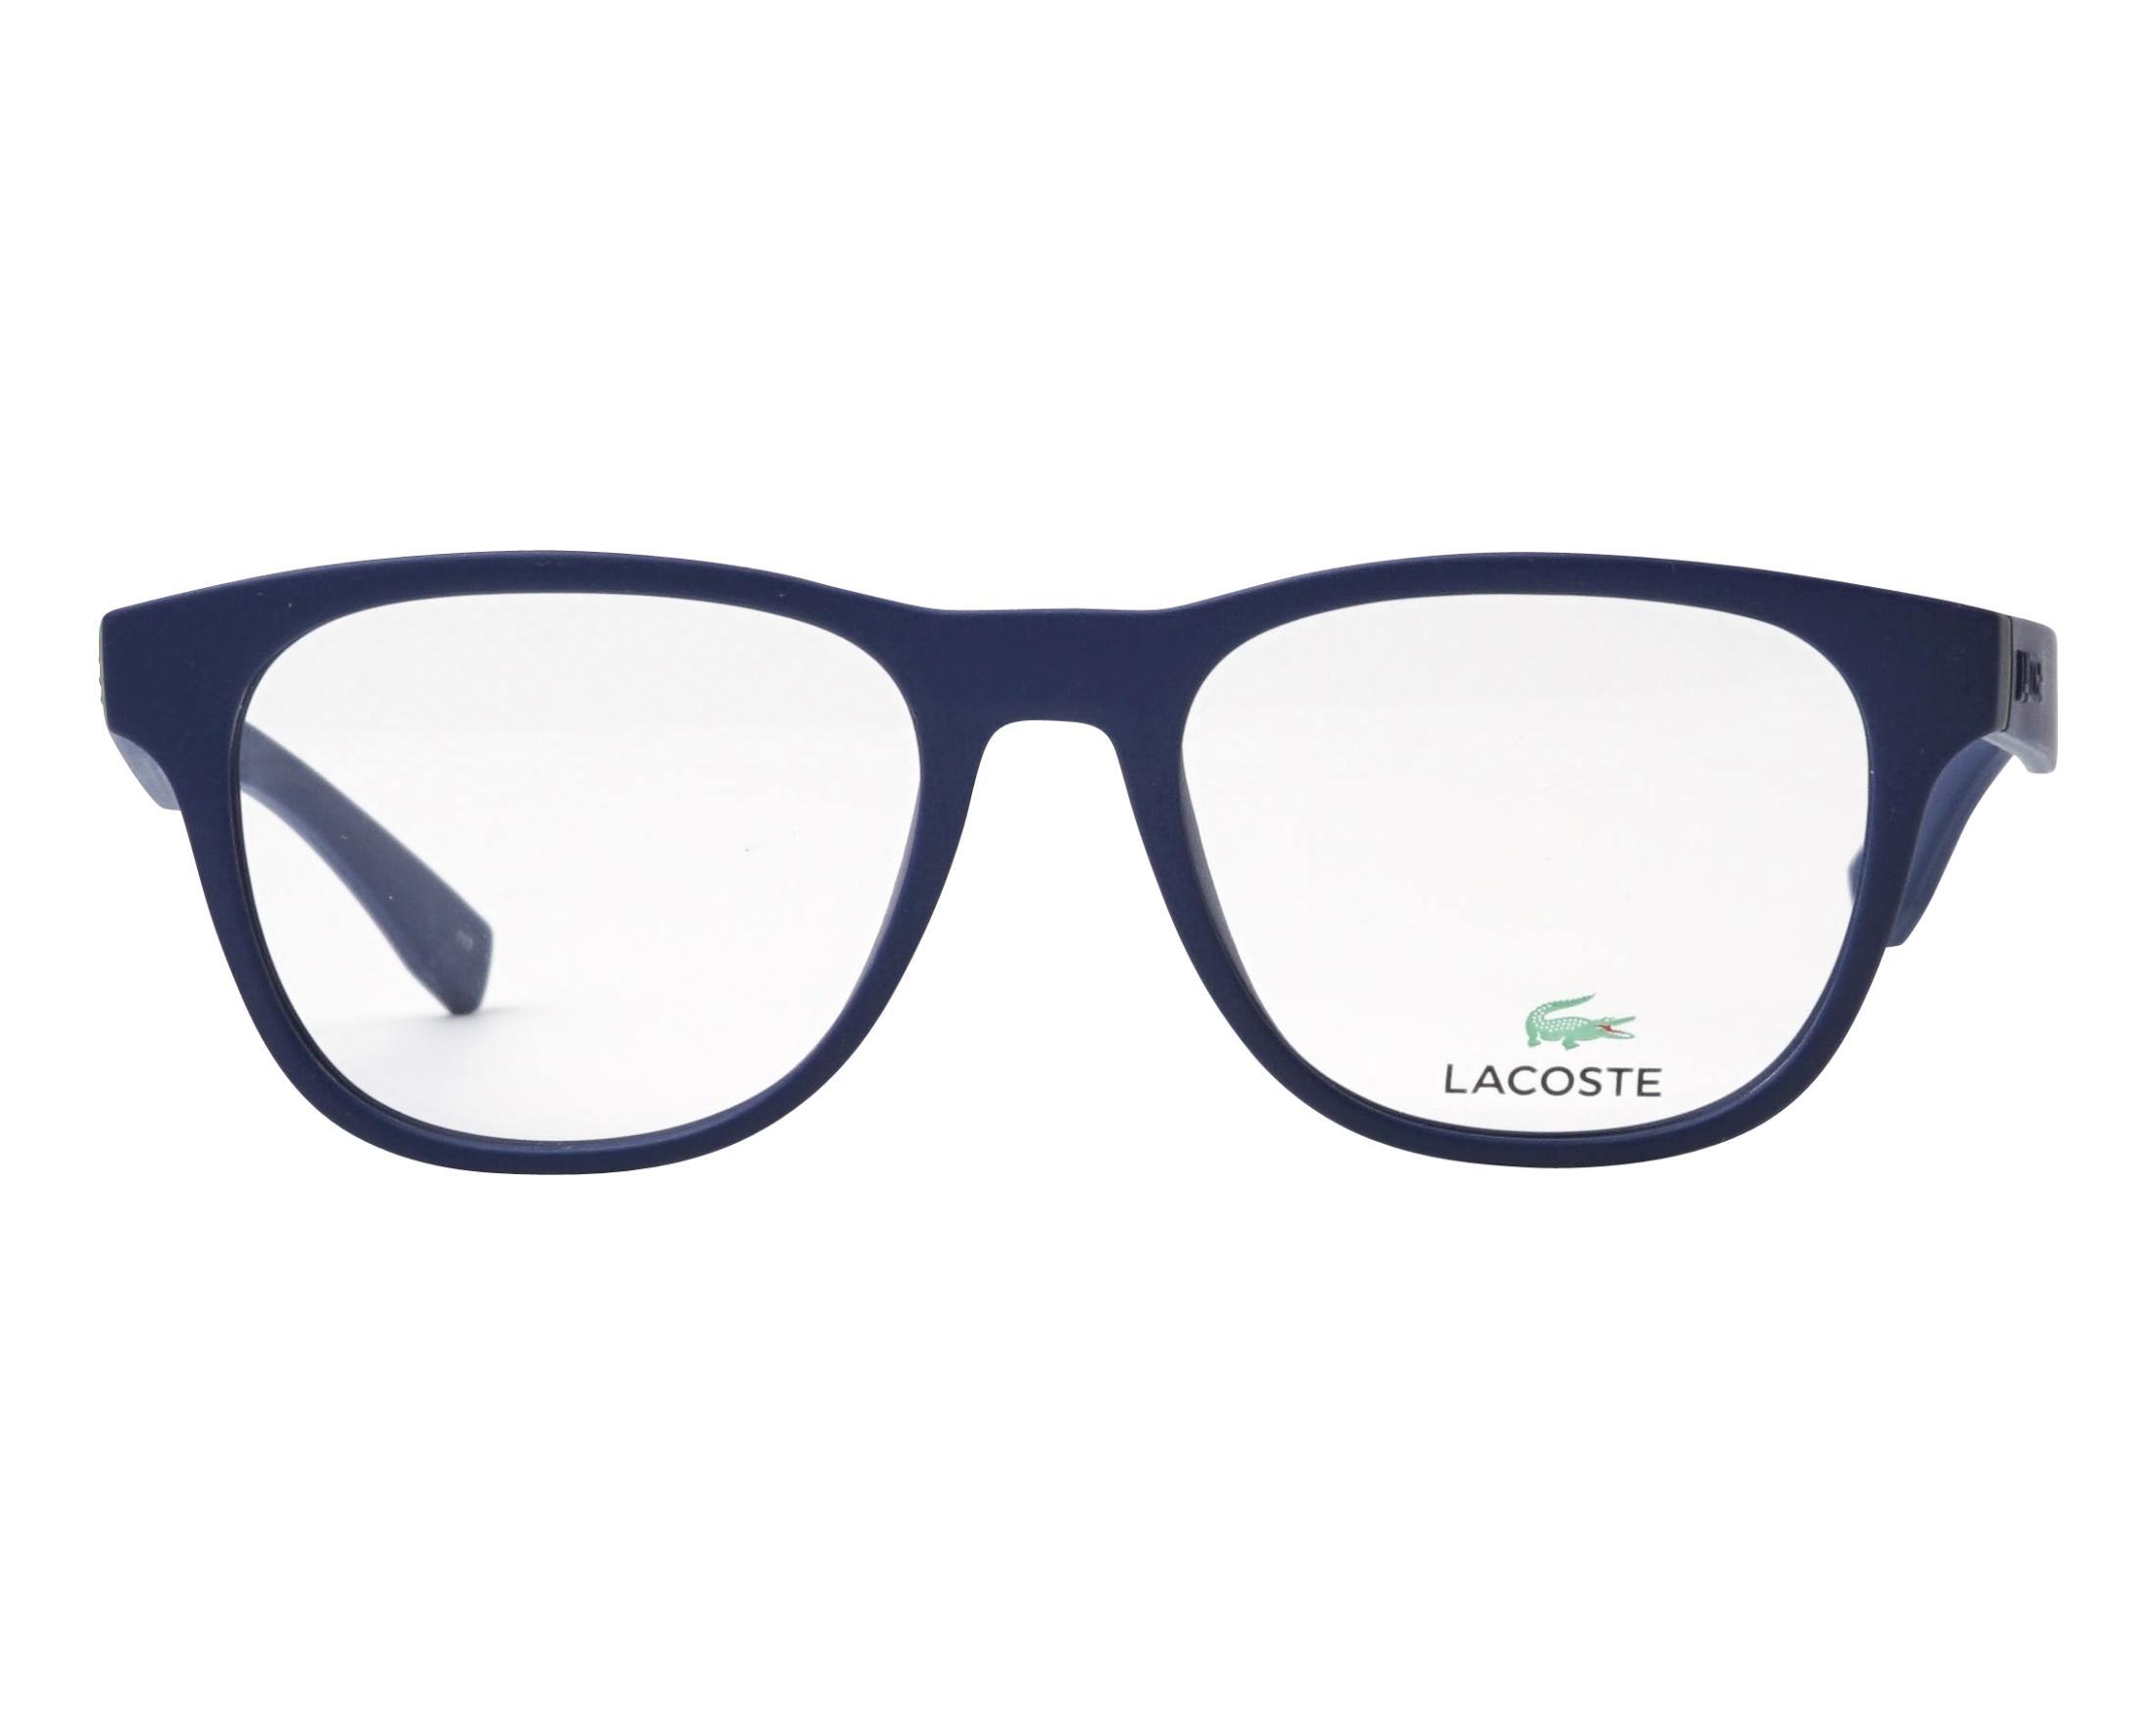 561eff43d71c eyeglasses Lacoste L-2795 424 52-18 Blue front view